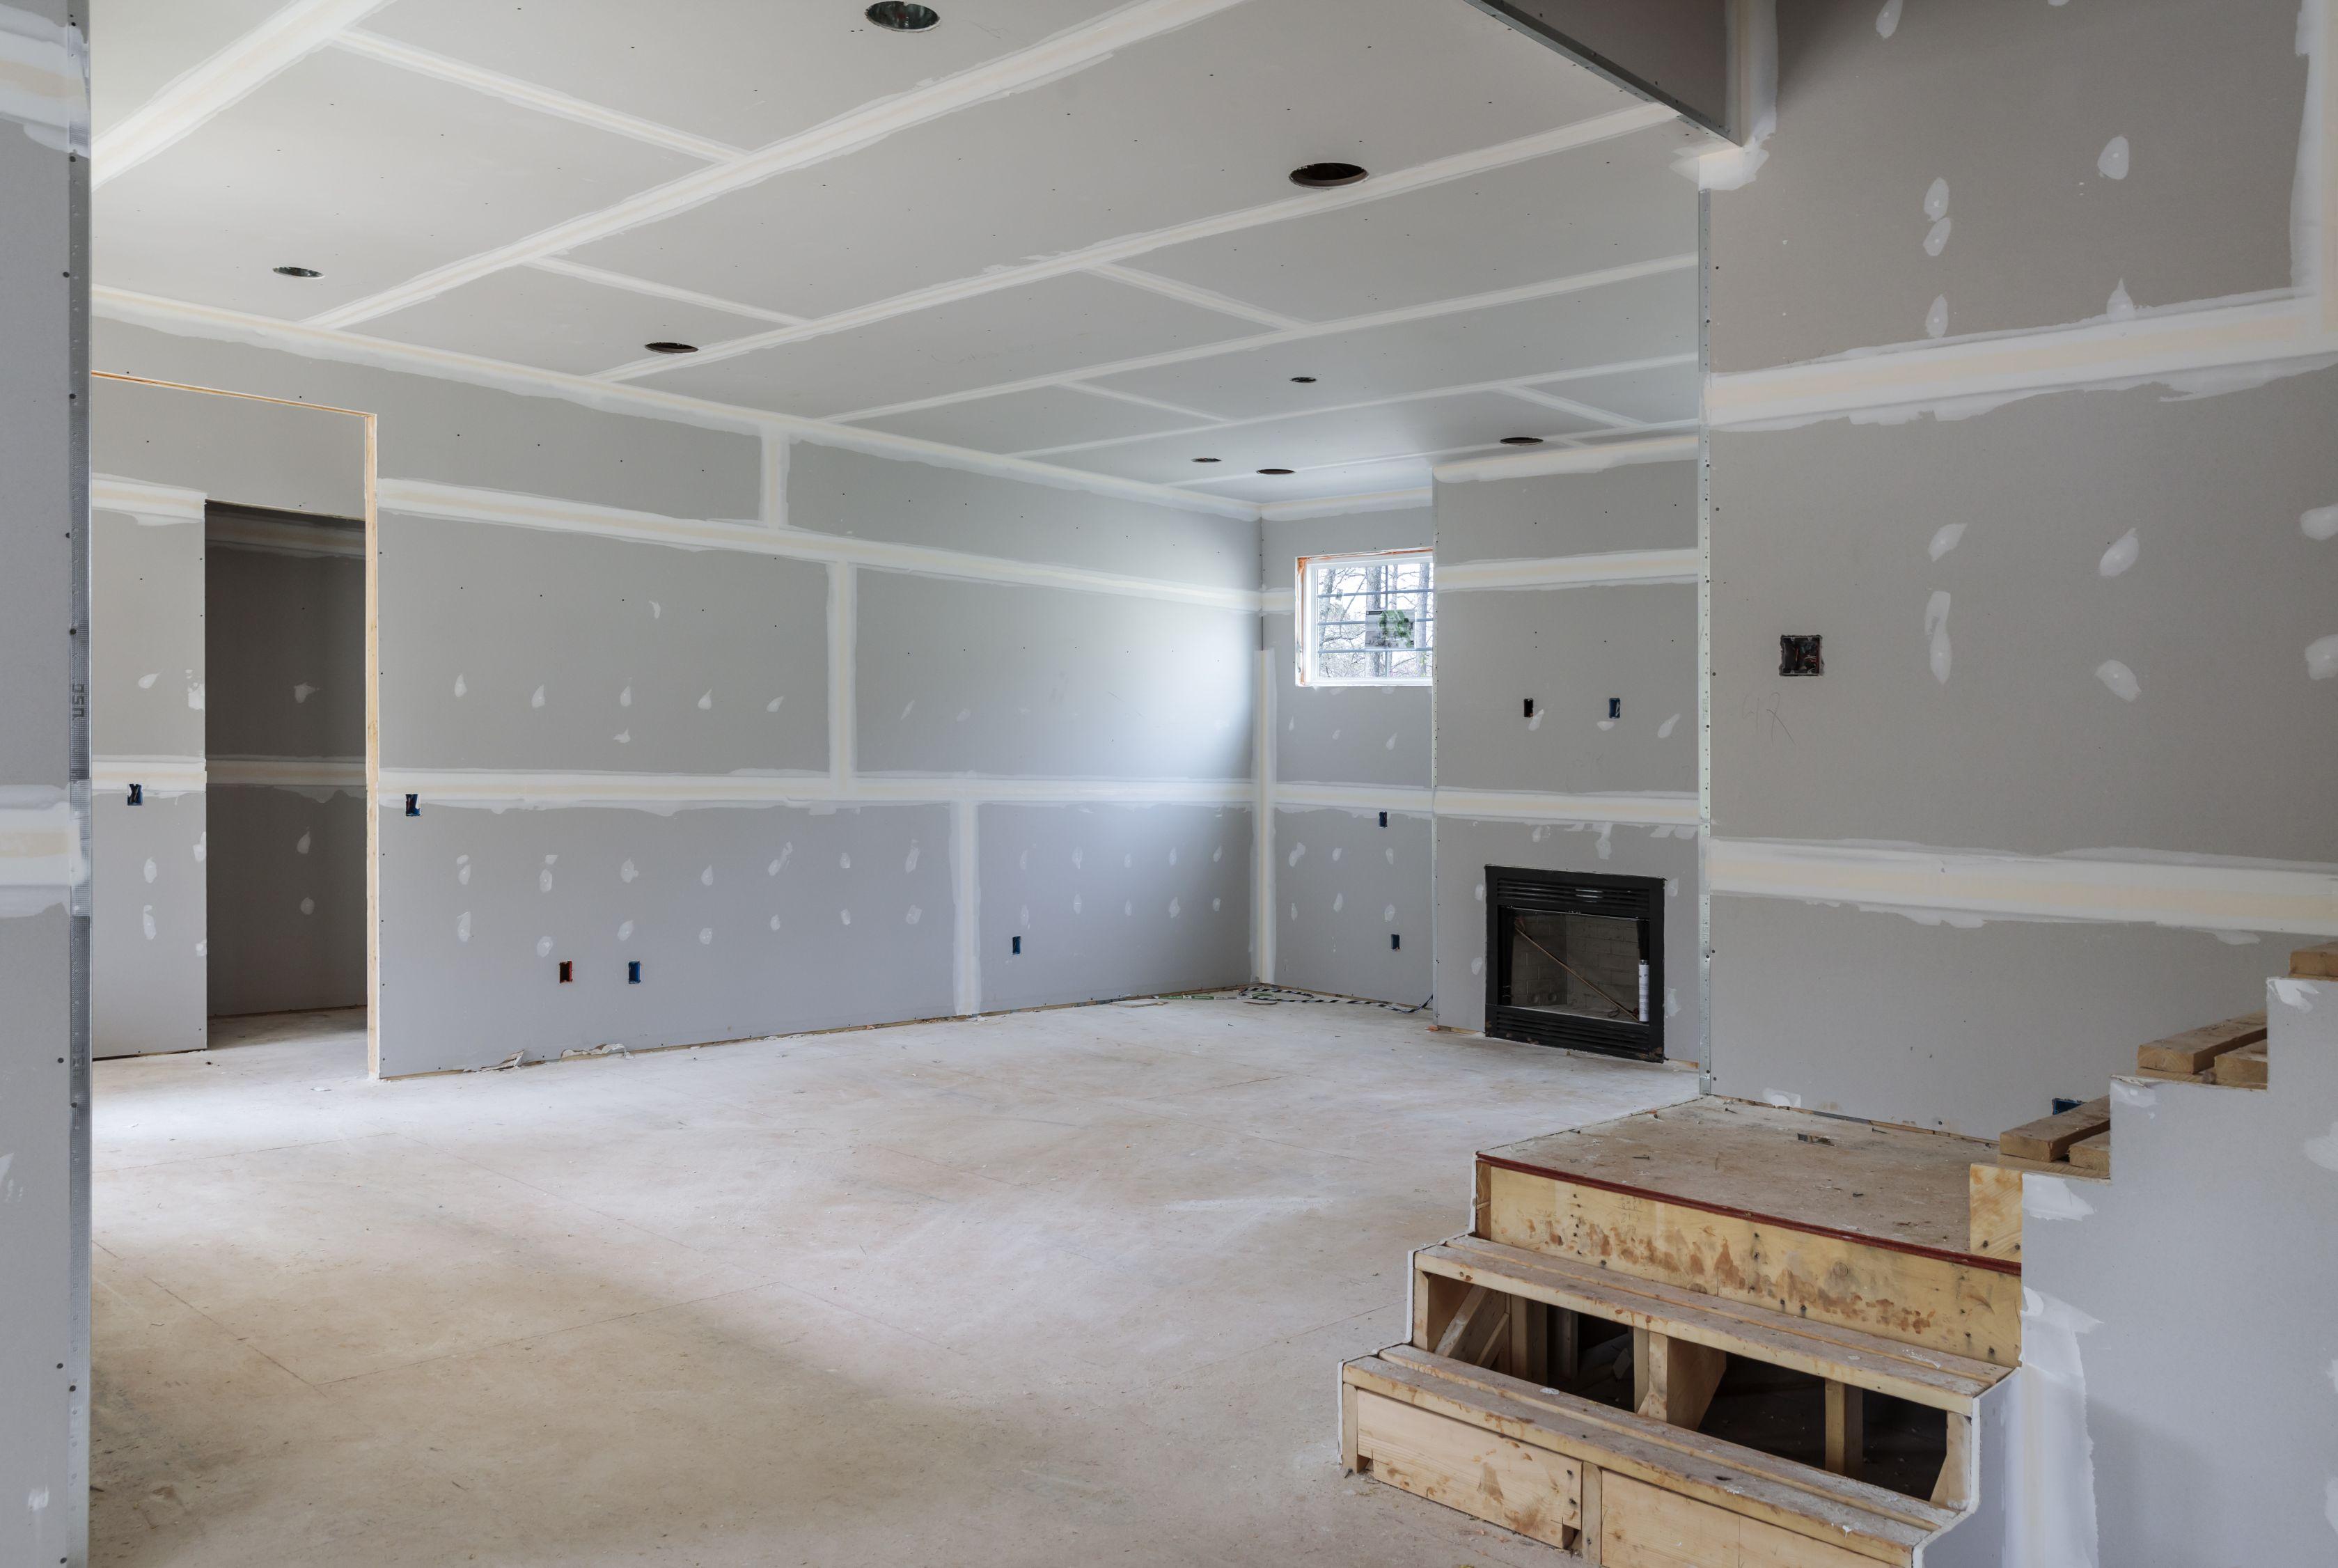 contractor-remodel-repair